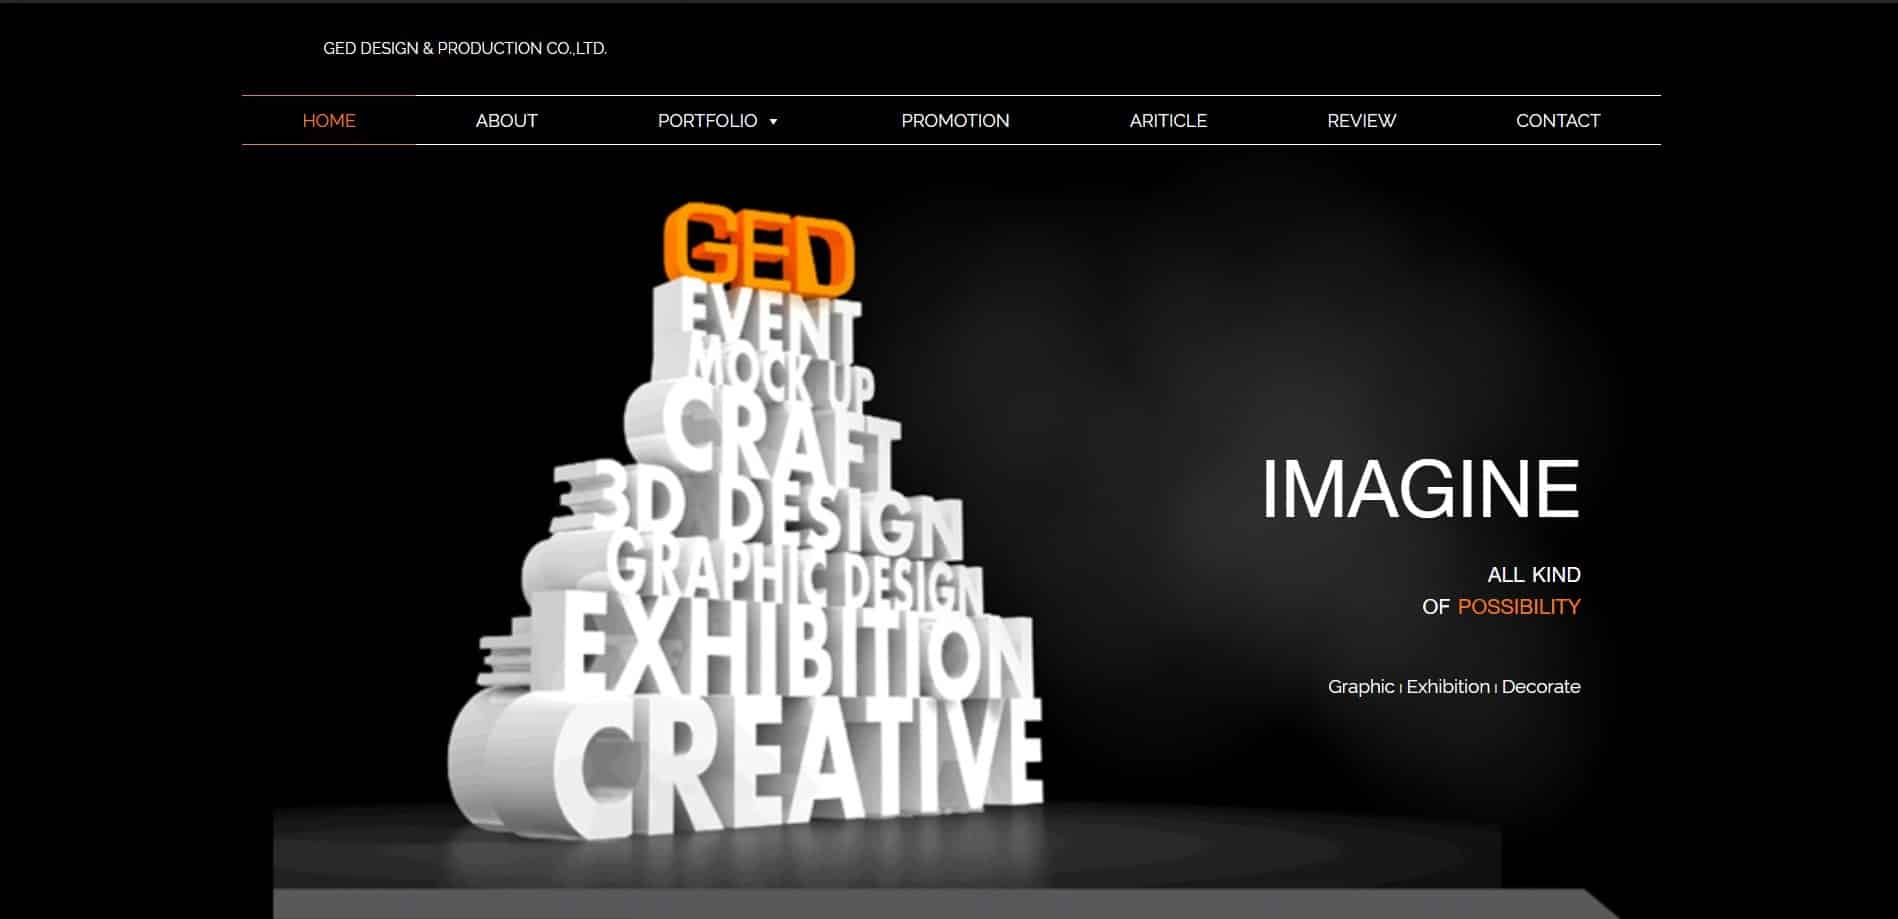 ออกแบบเว็บไซต์Ged ออกแบบเว็บไซต์ สวยงาม เรียบหรู ตามสไตล์